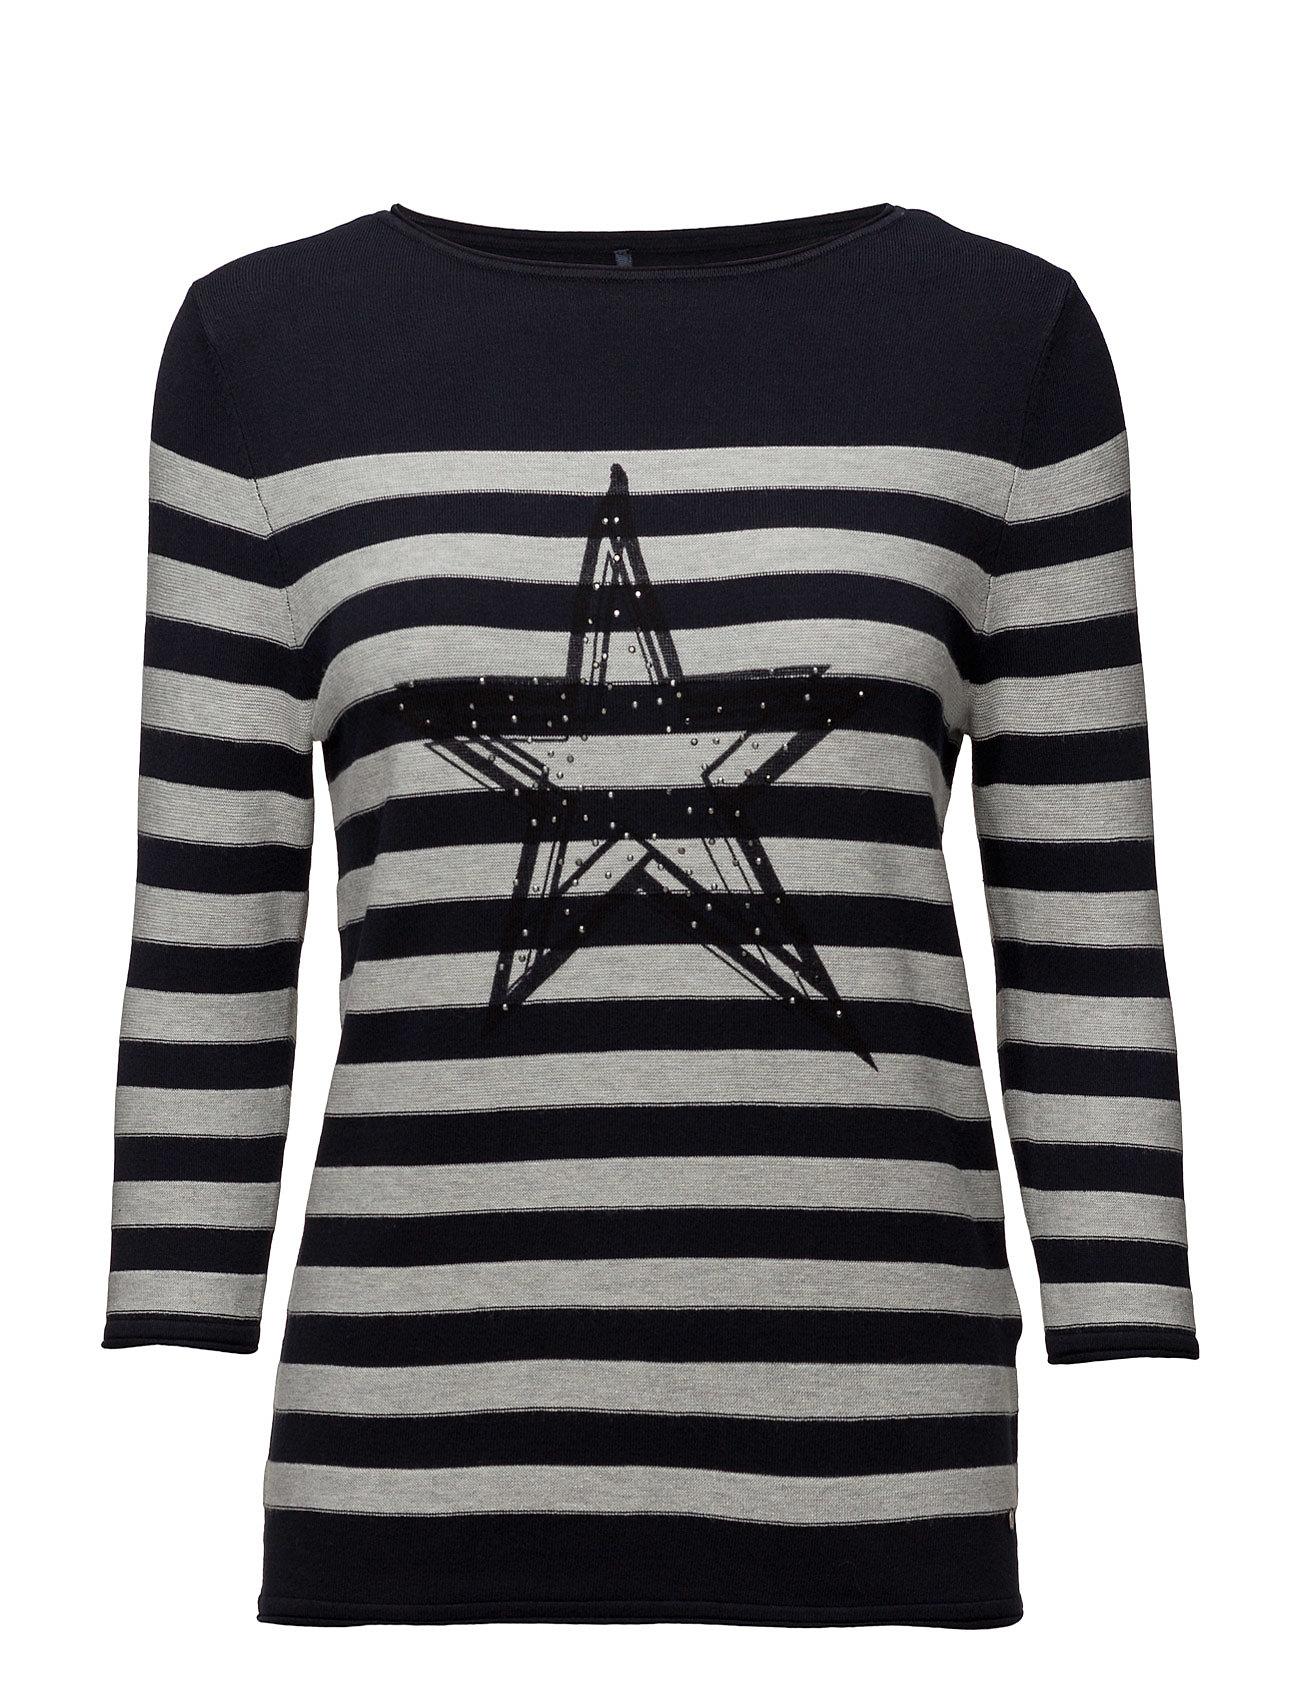 Pullover 3/4-Sleeve Gerry Weber Edition Striktøj til Kvinder i